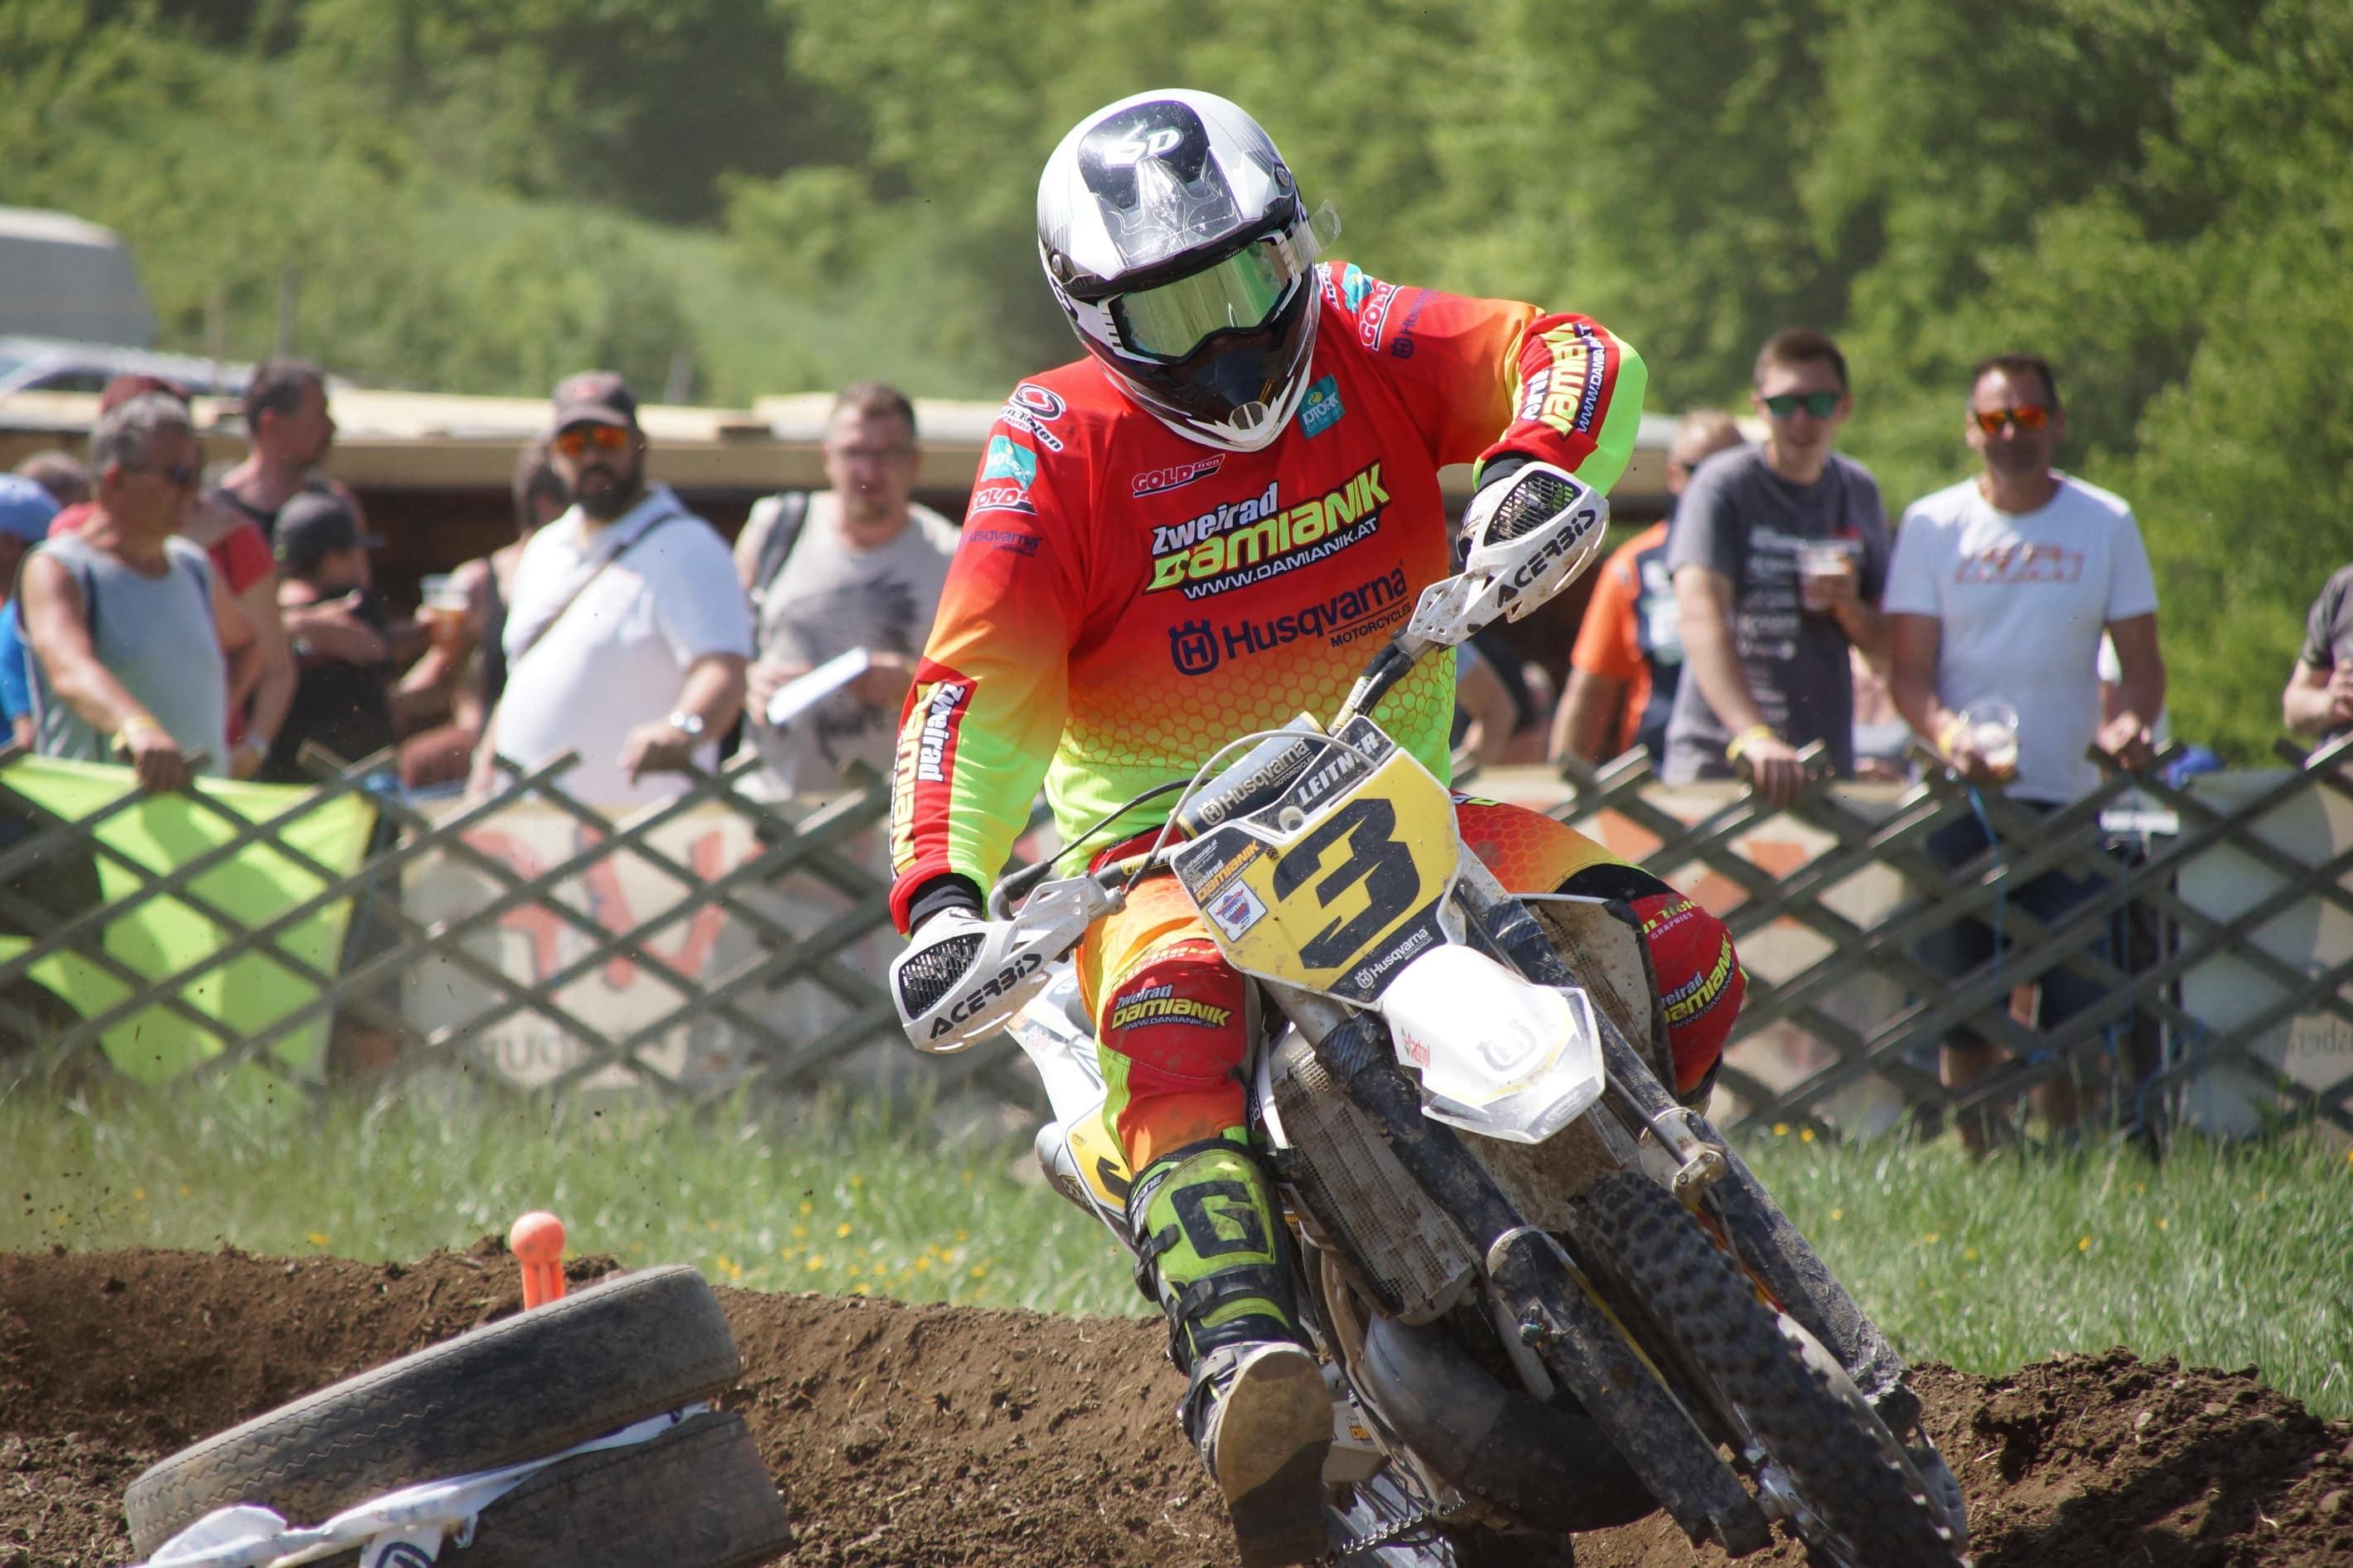 DSC1184_Moto Cross Sittendorf